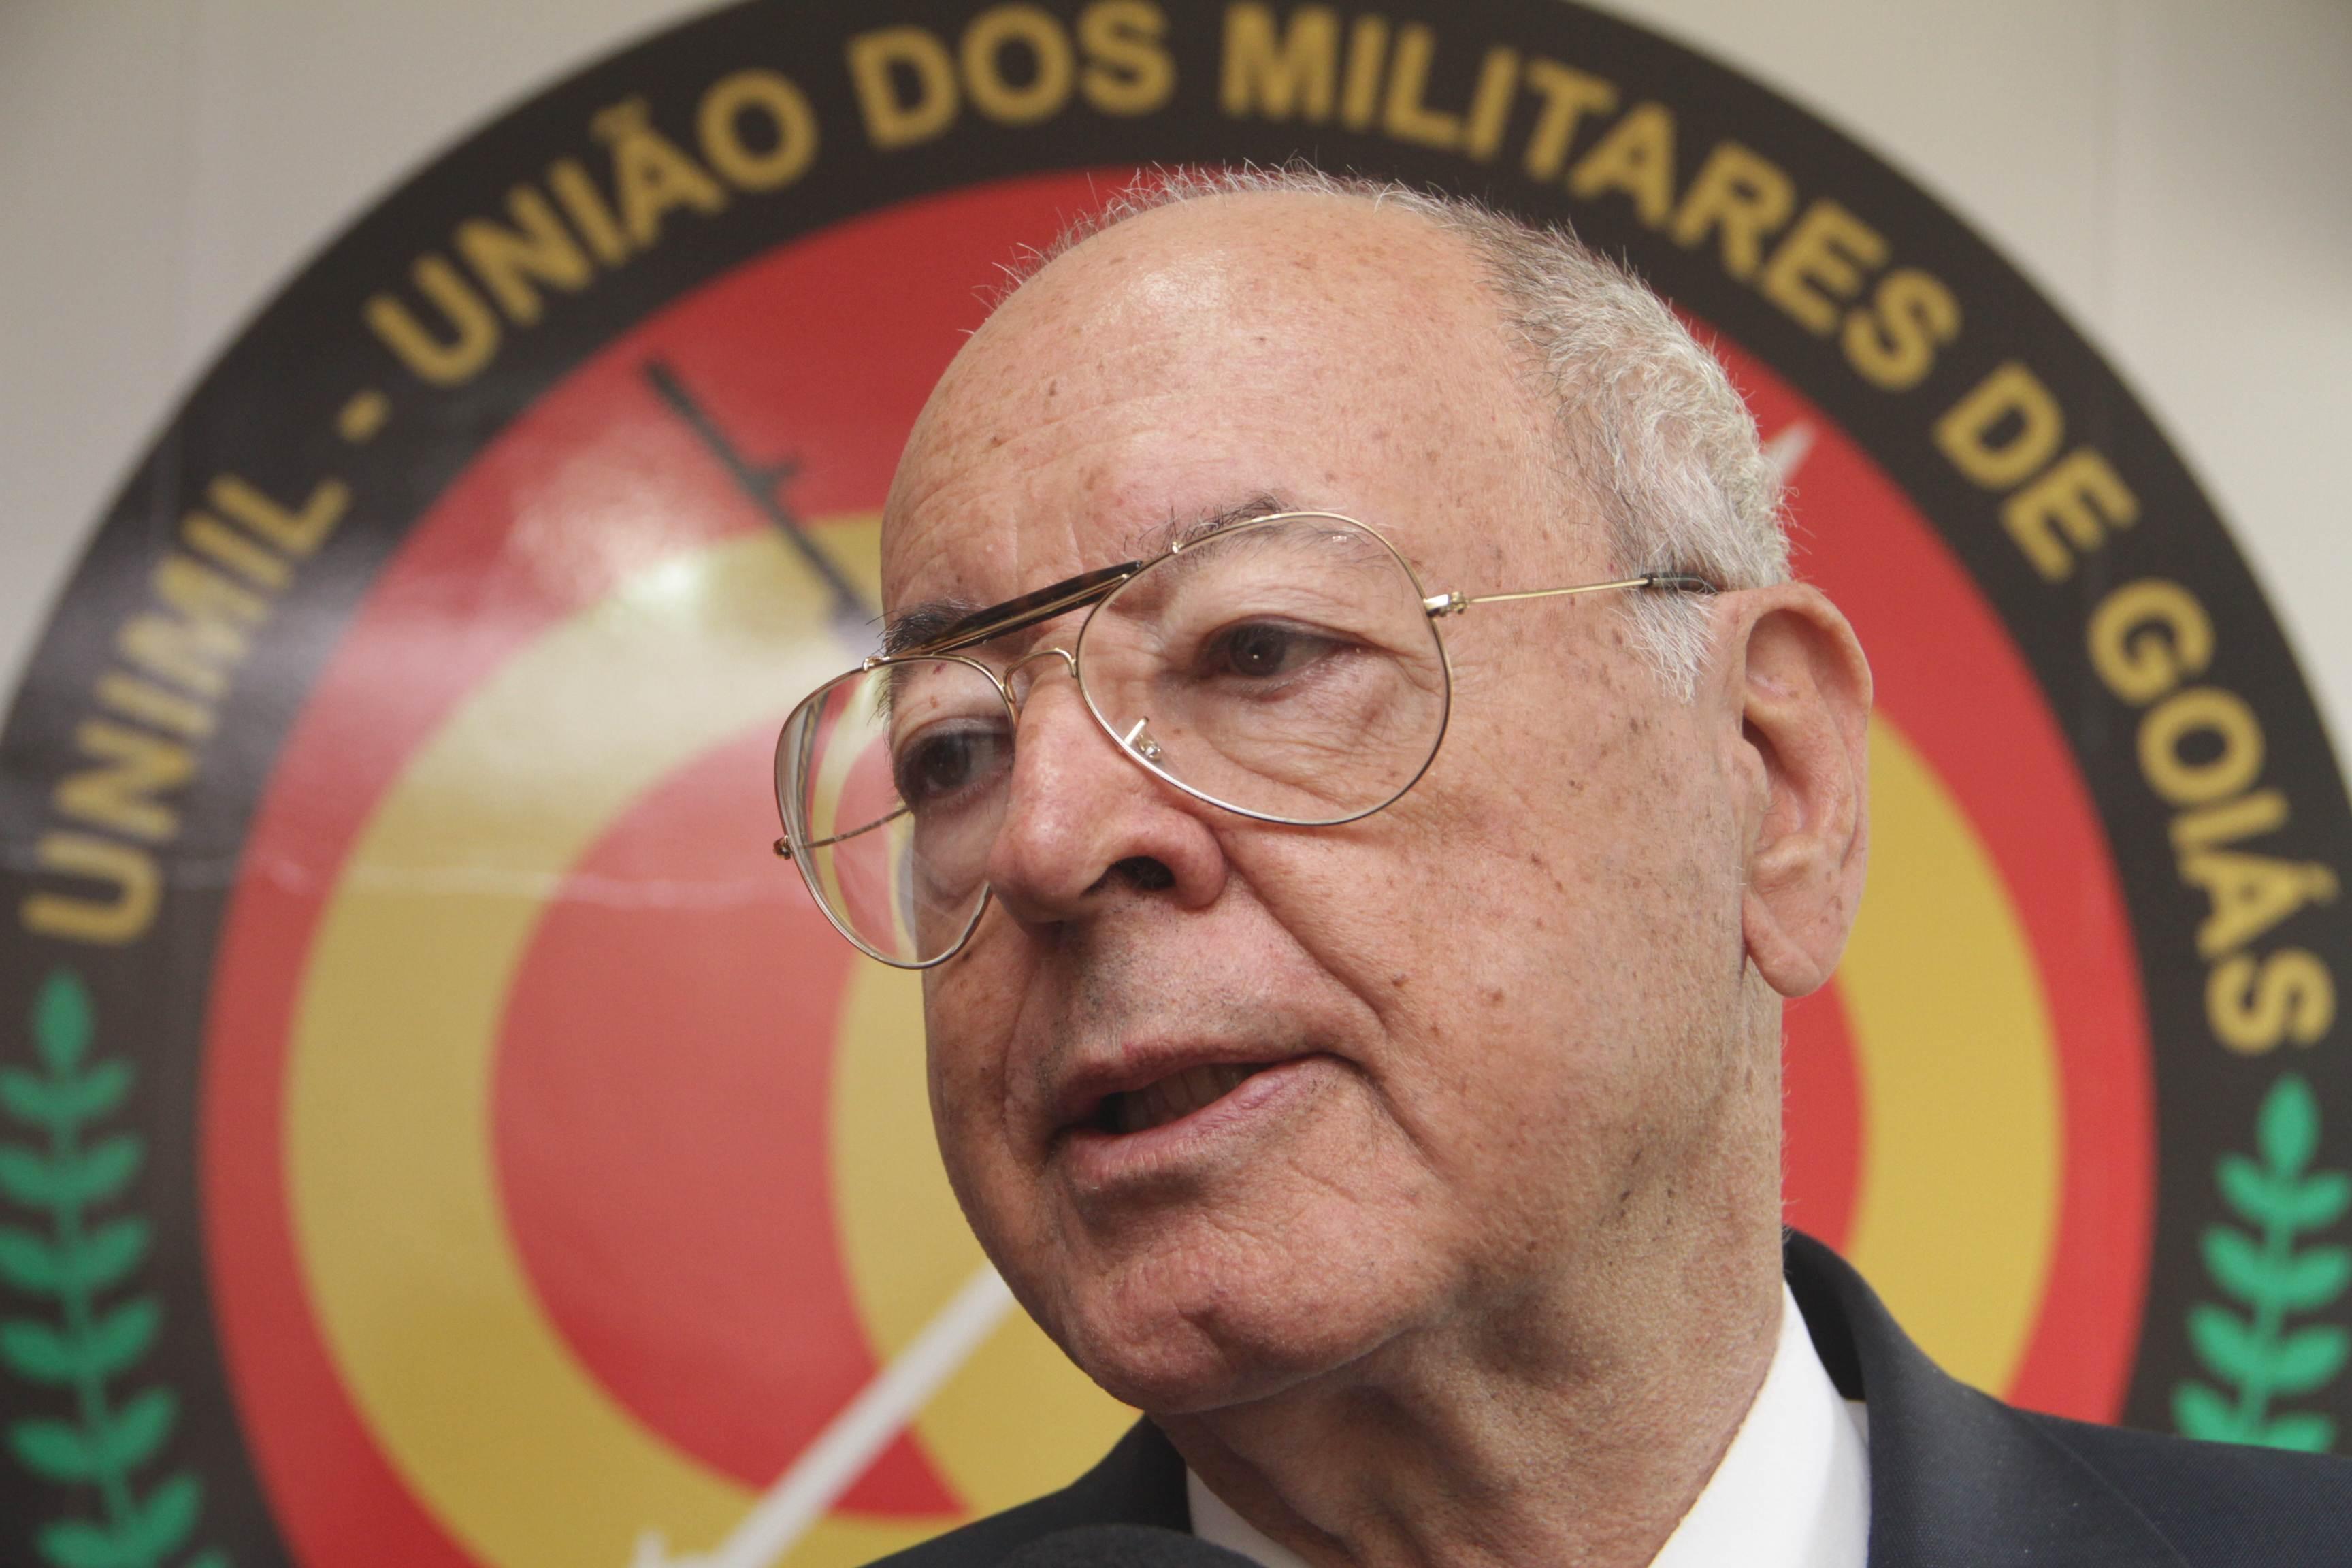 Secretário de Segurança Pública de Goiás Irapuan Costa Júnior   Fotos: Wildes Barbosa / André Costa